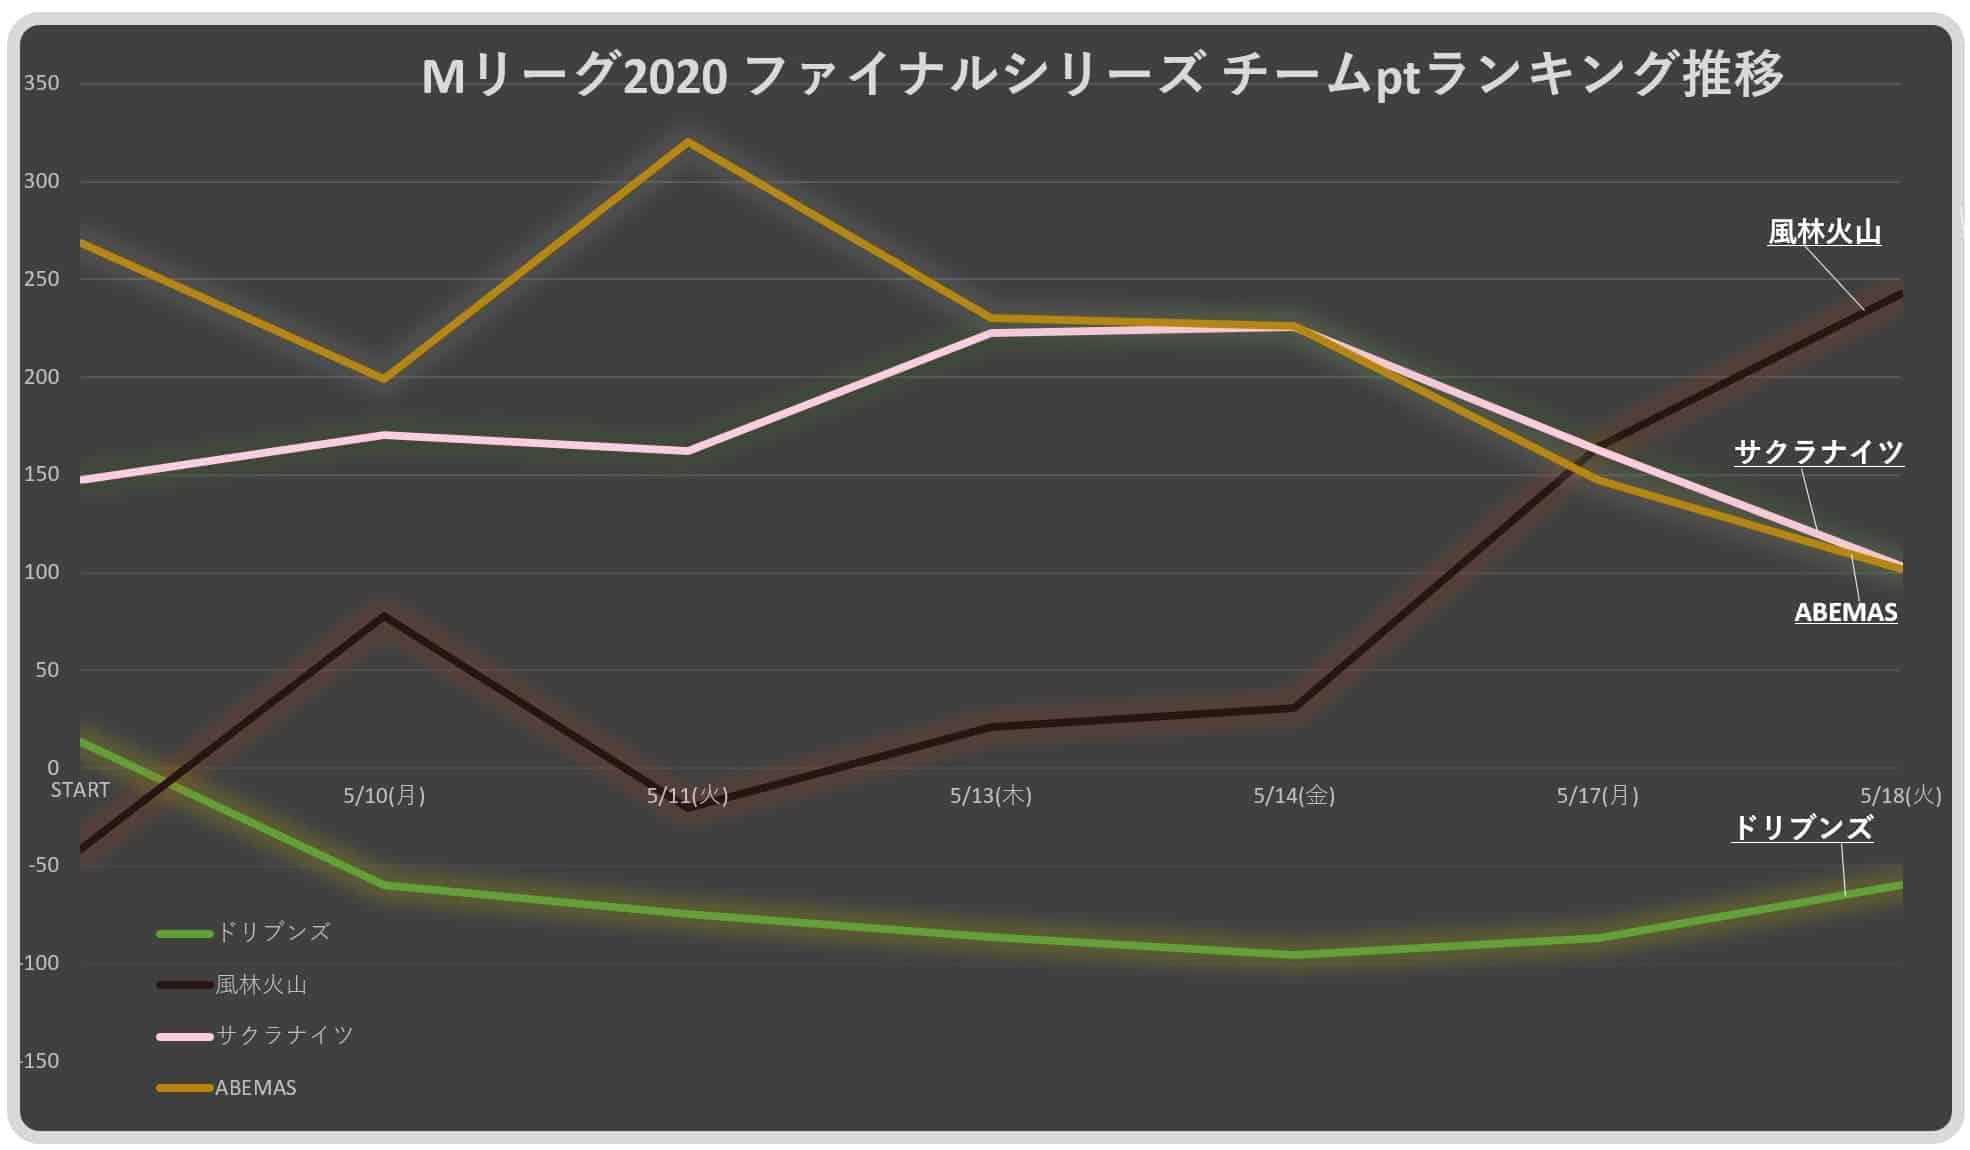 M-League2020final_result-graph20210518